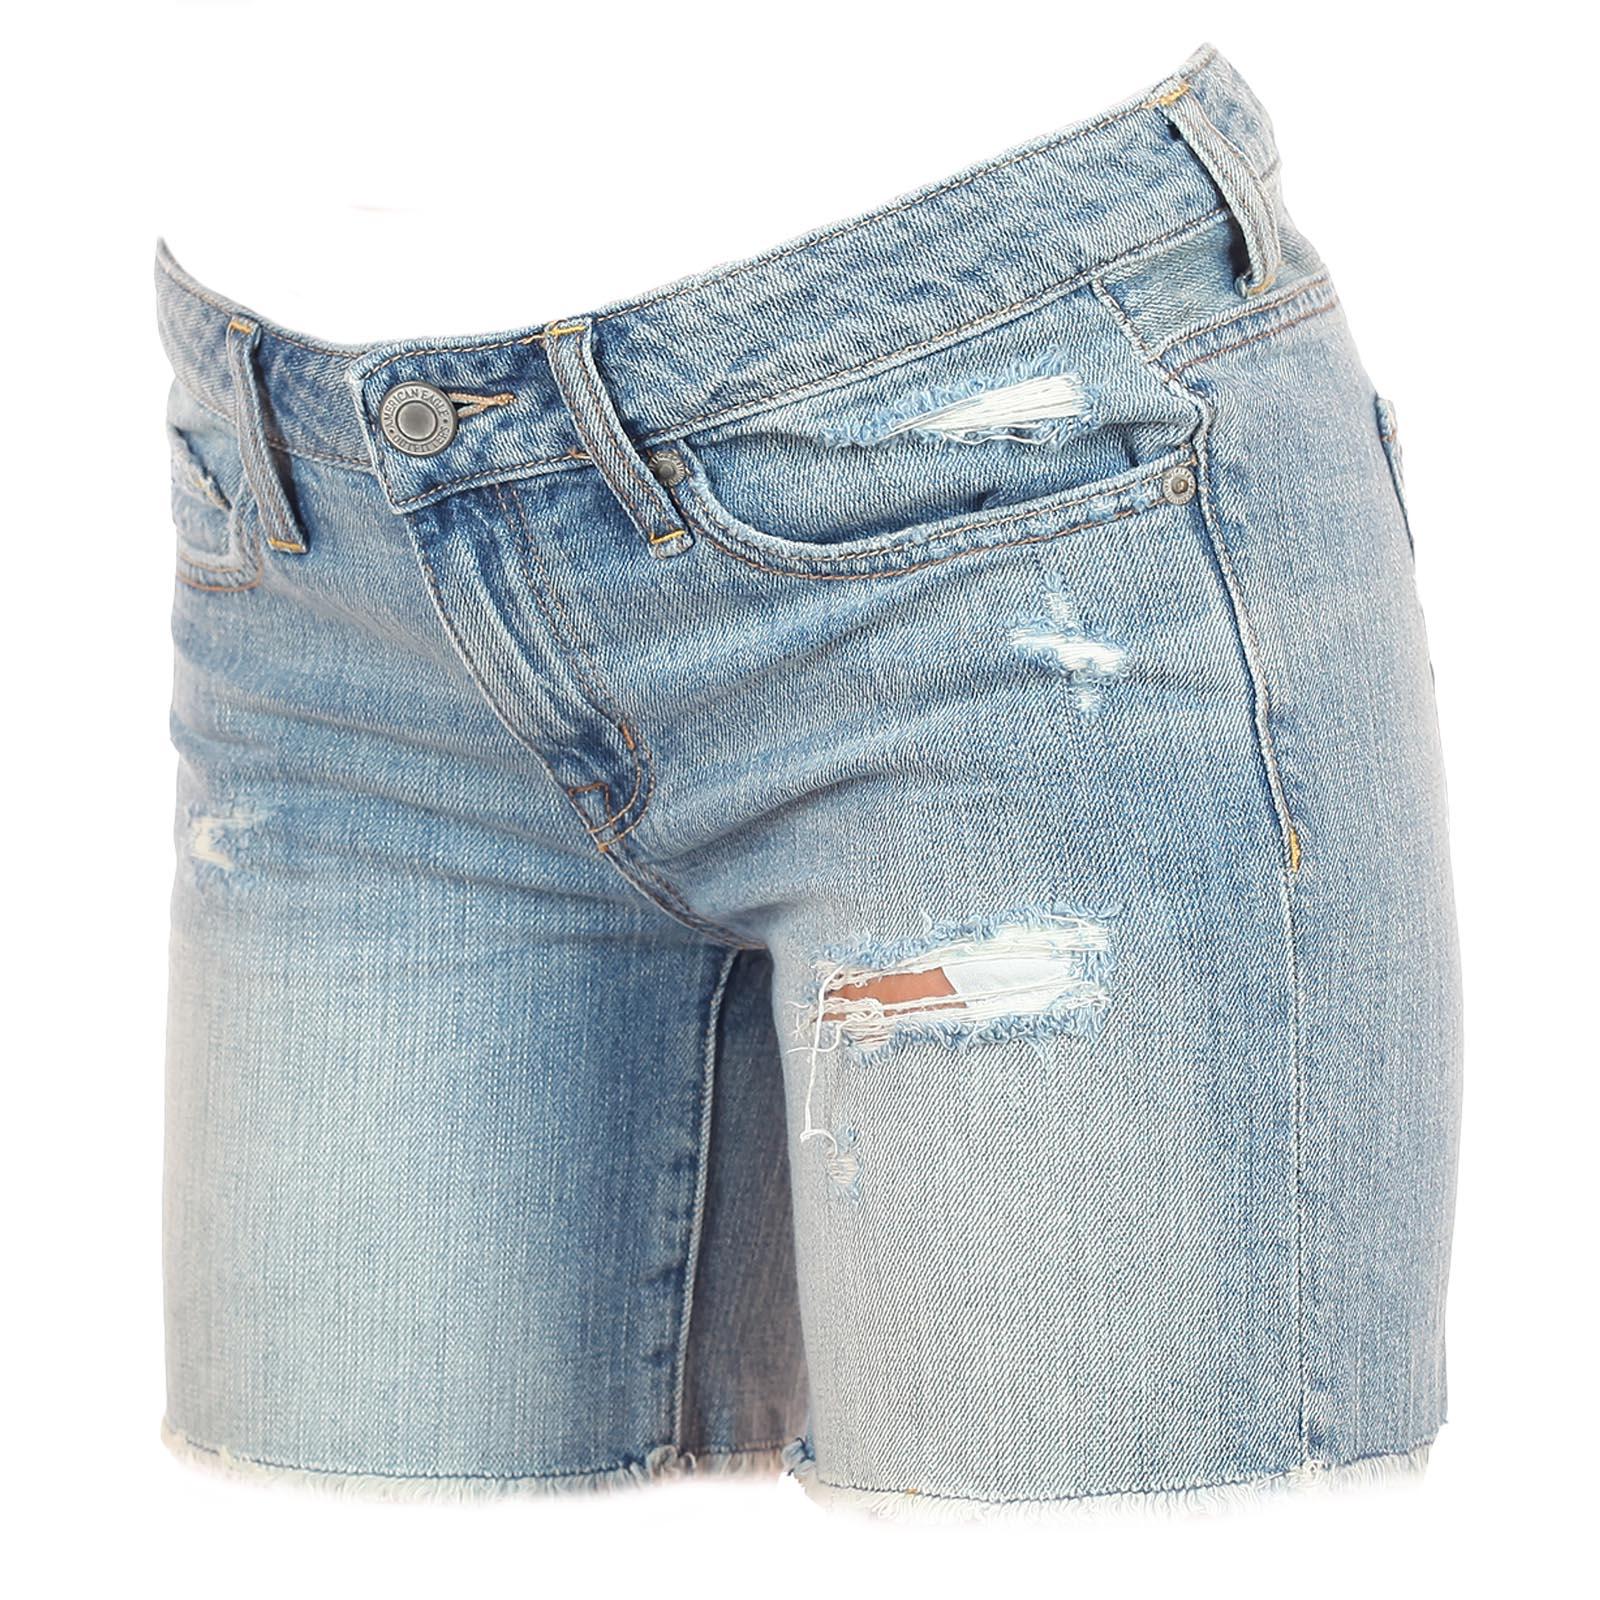 Секси шорты для девушек